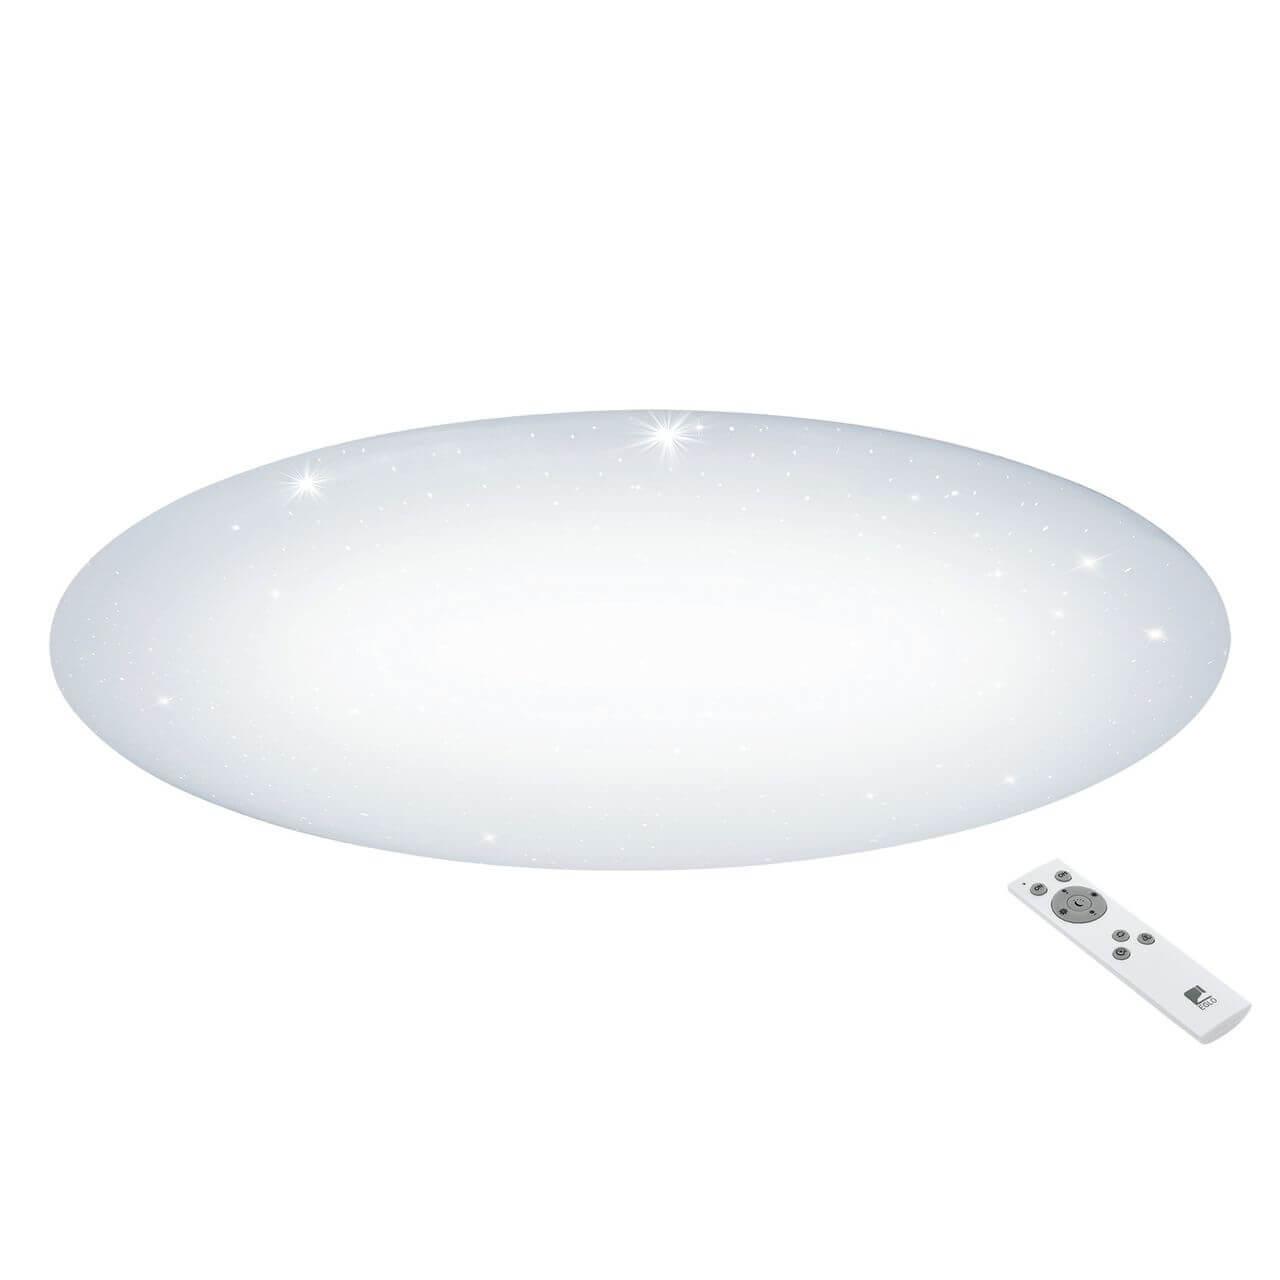 цена на Потолочный светодиодный светильник Eglo Giron-S 97543